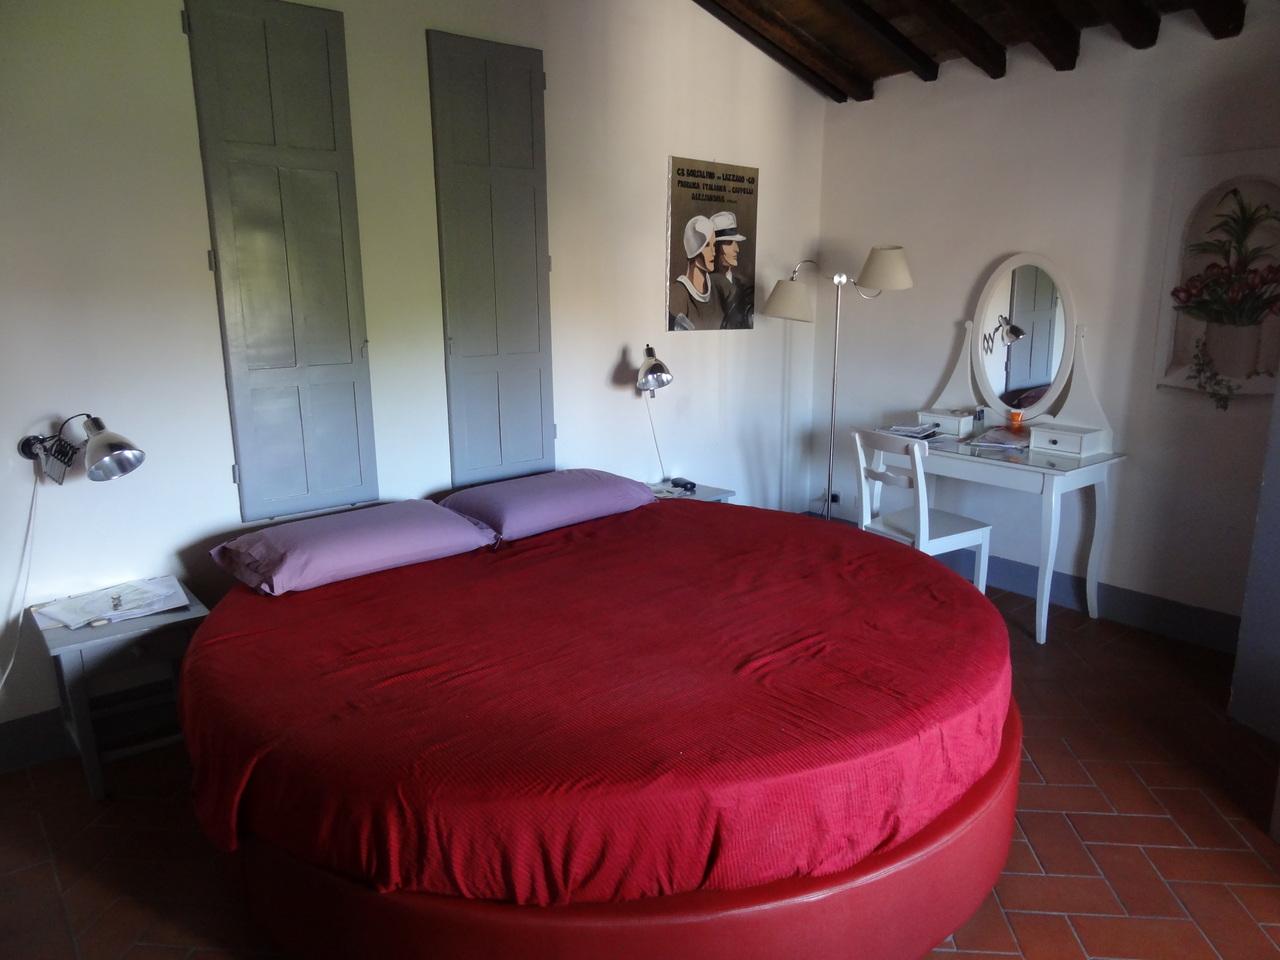 Красная круглая кровать с сиреневыми подушками